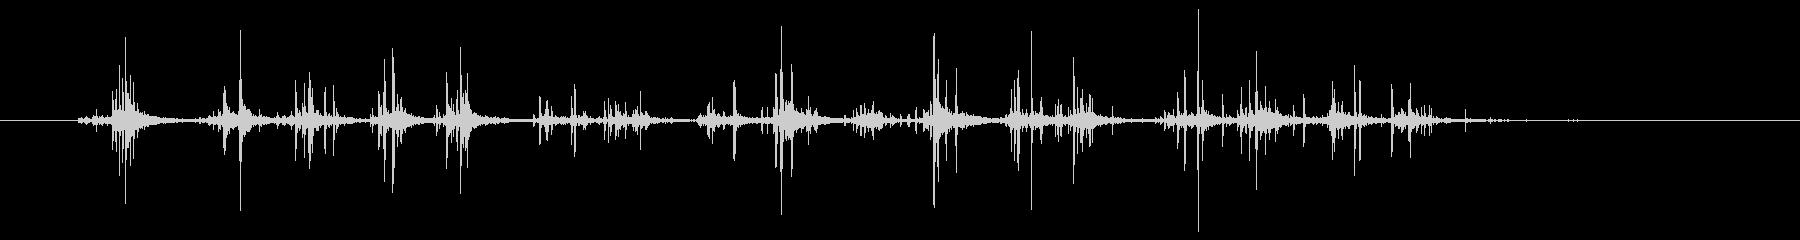 シャカシャカ(振る音)2の未再生の波形